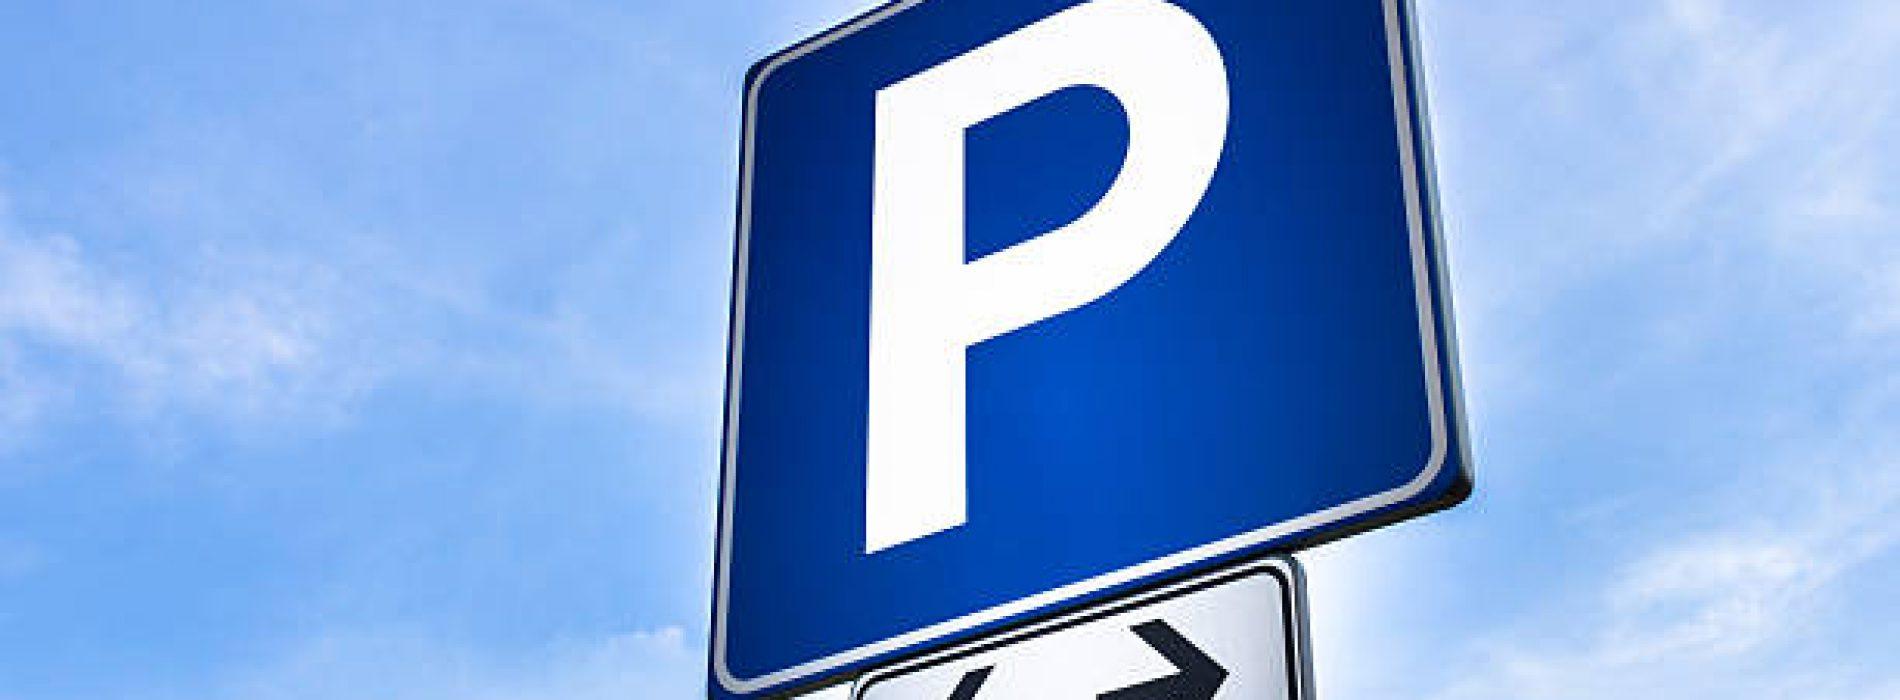 Odnowiony parking przy Manhattanie jest już dostępny dla kierowców